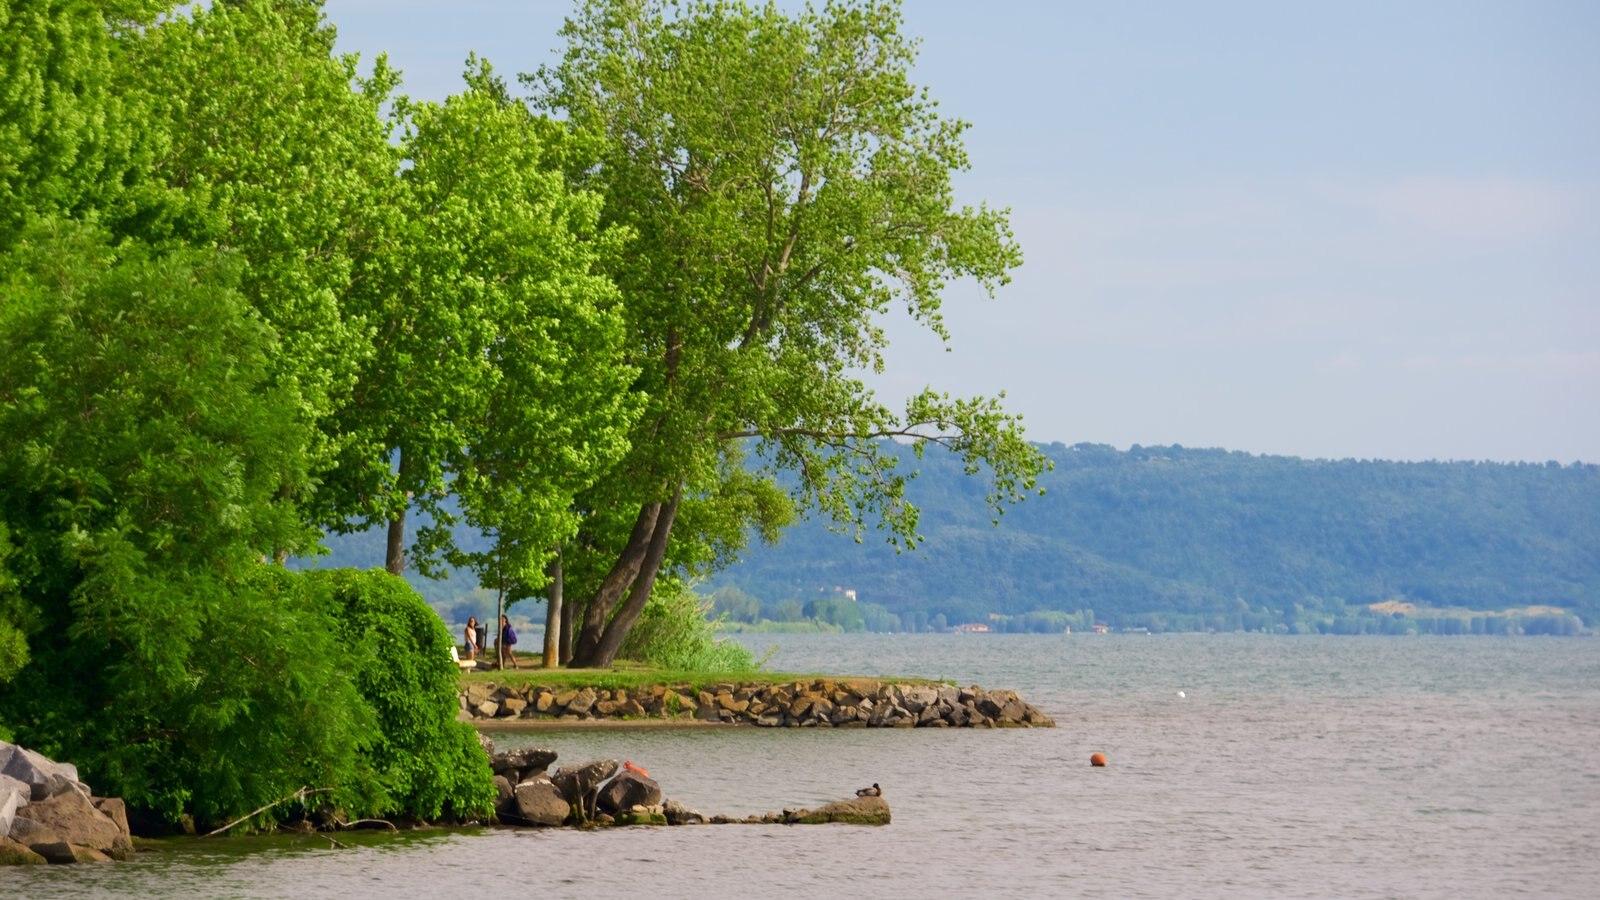 Lake Bolsena showing a lake or waterhole